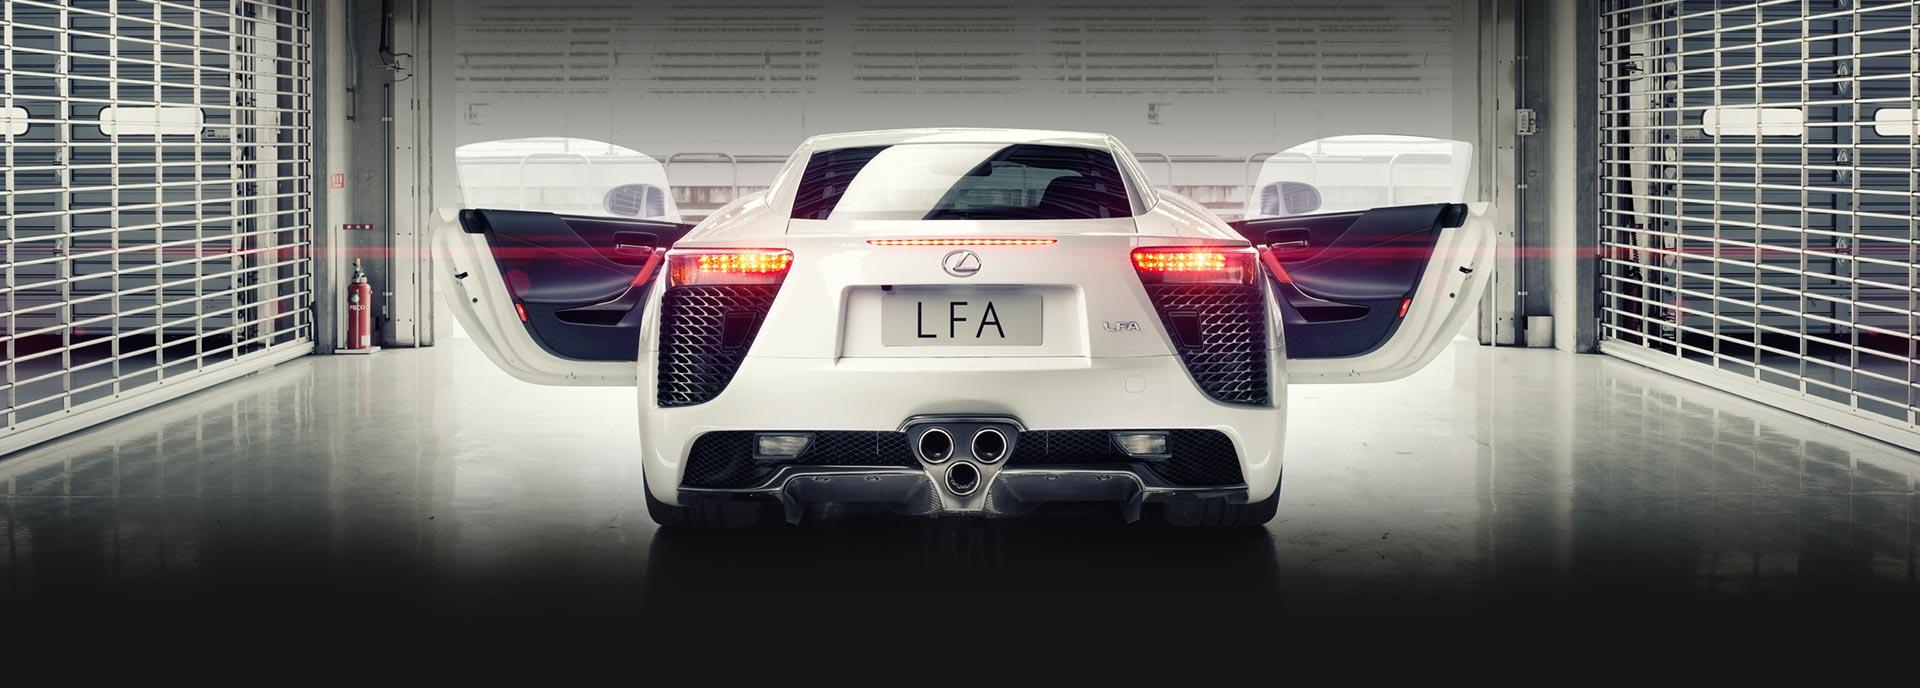 Modelos LFA trasera